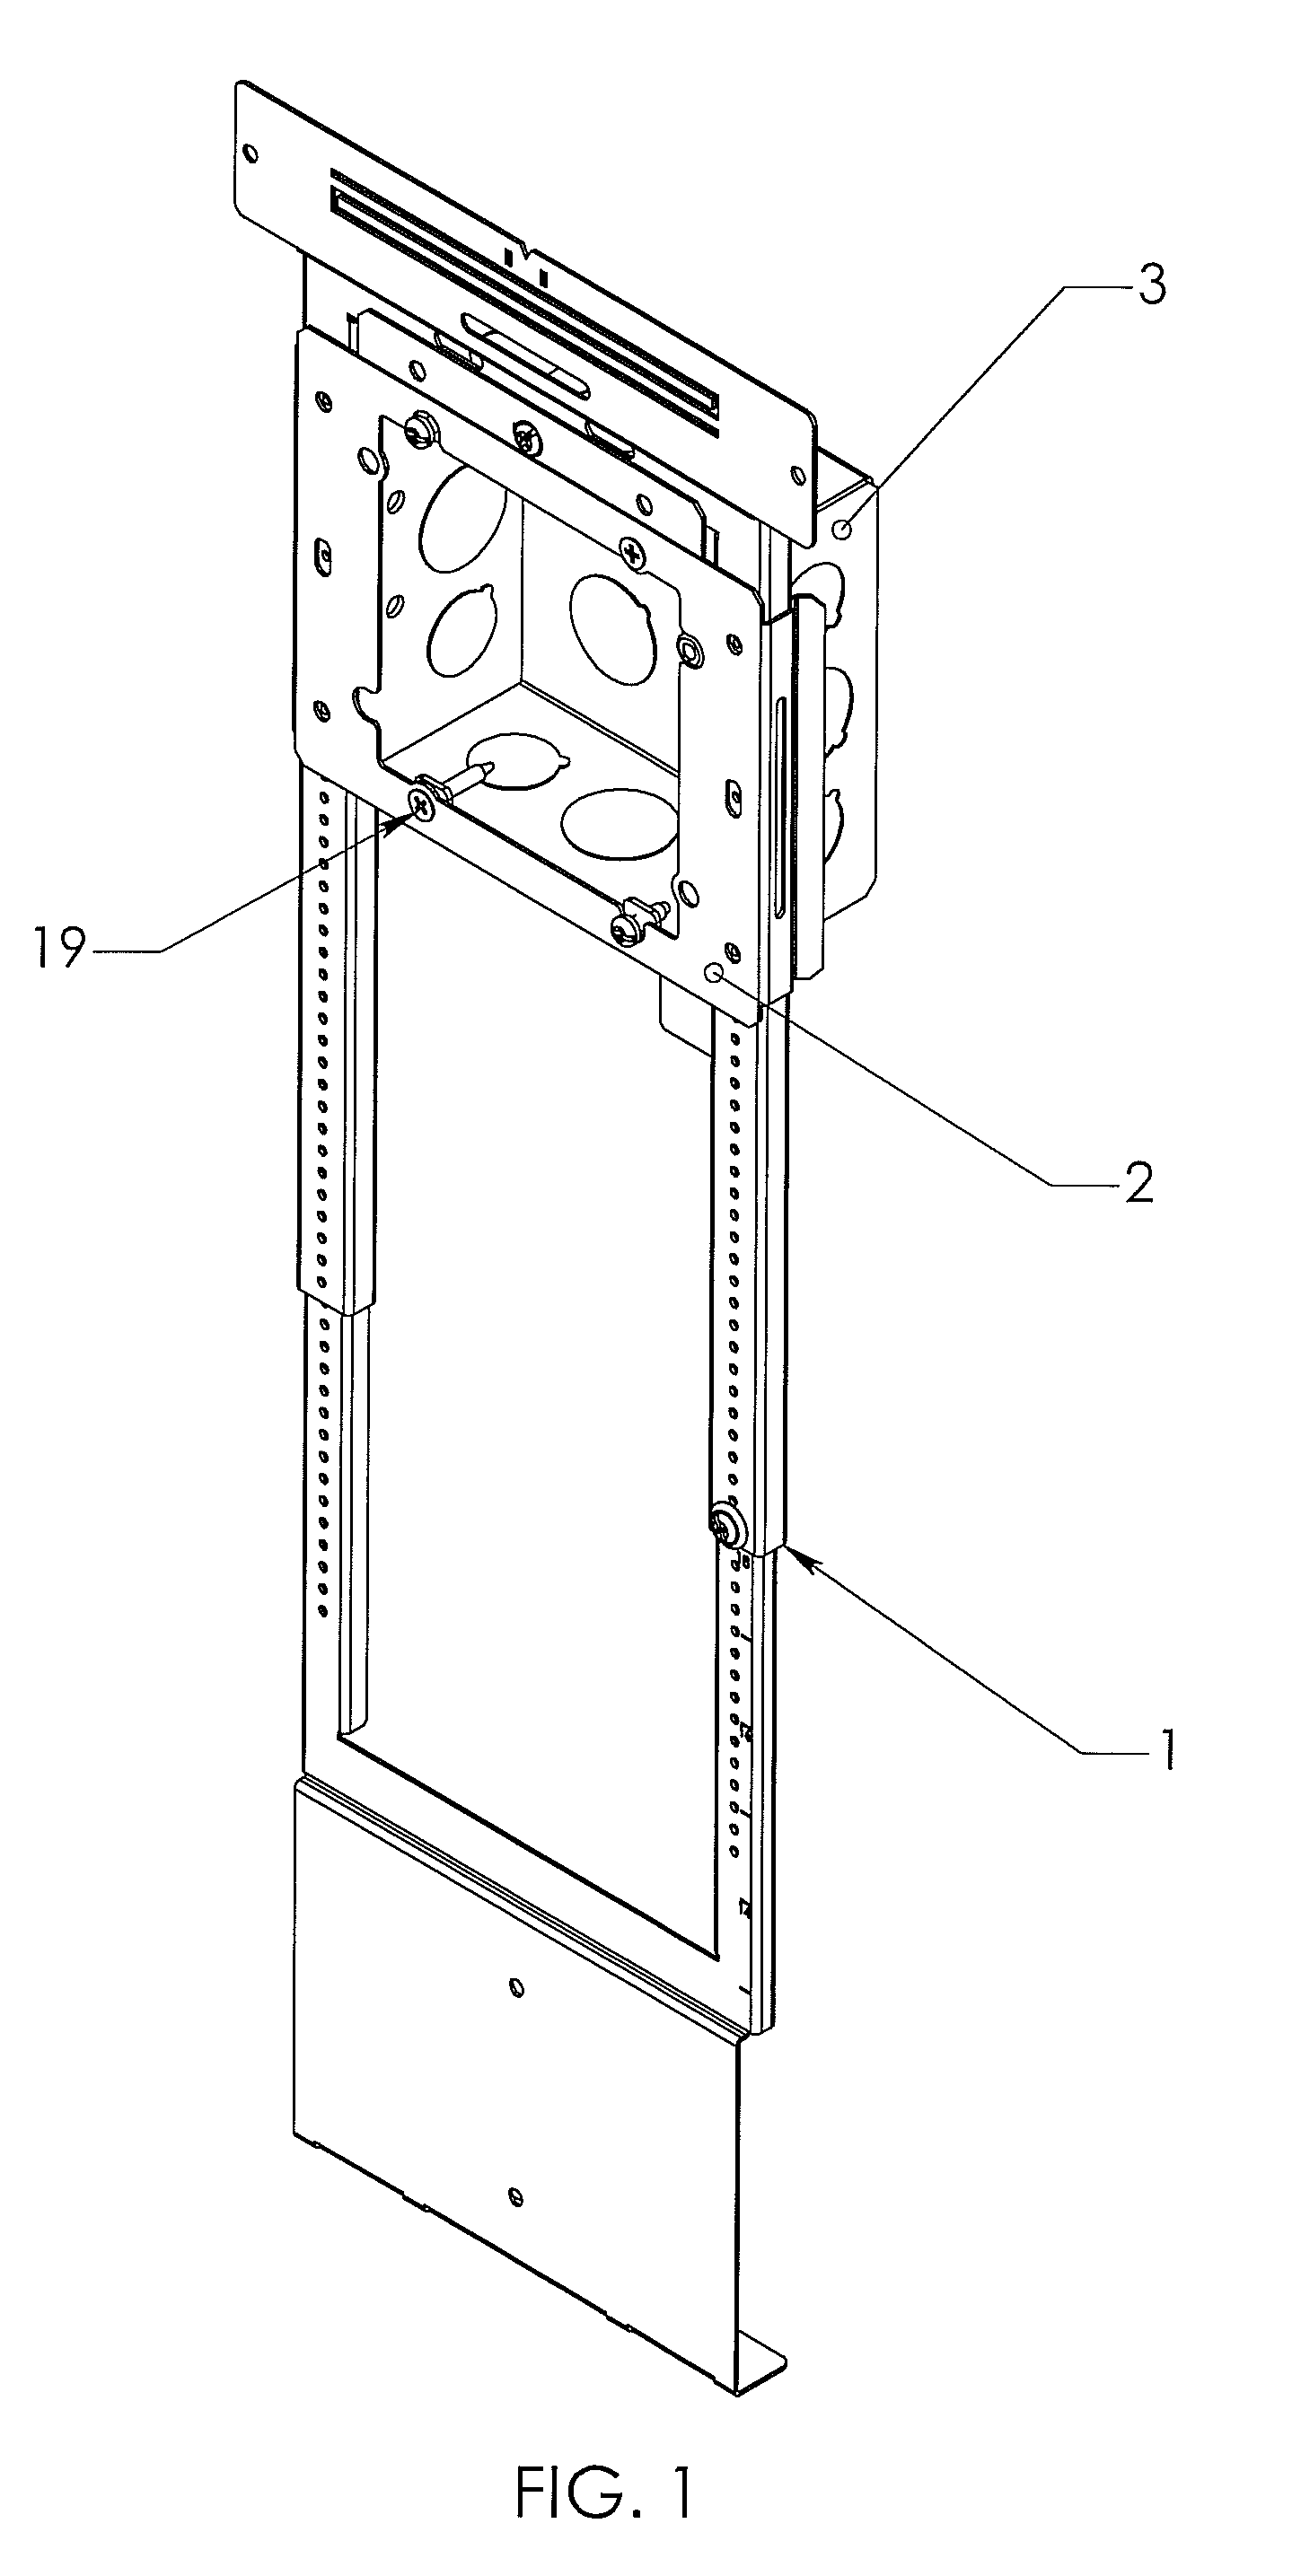 patent us20100006723